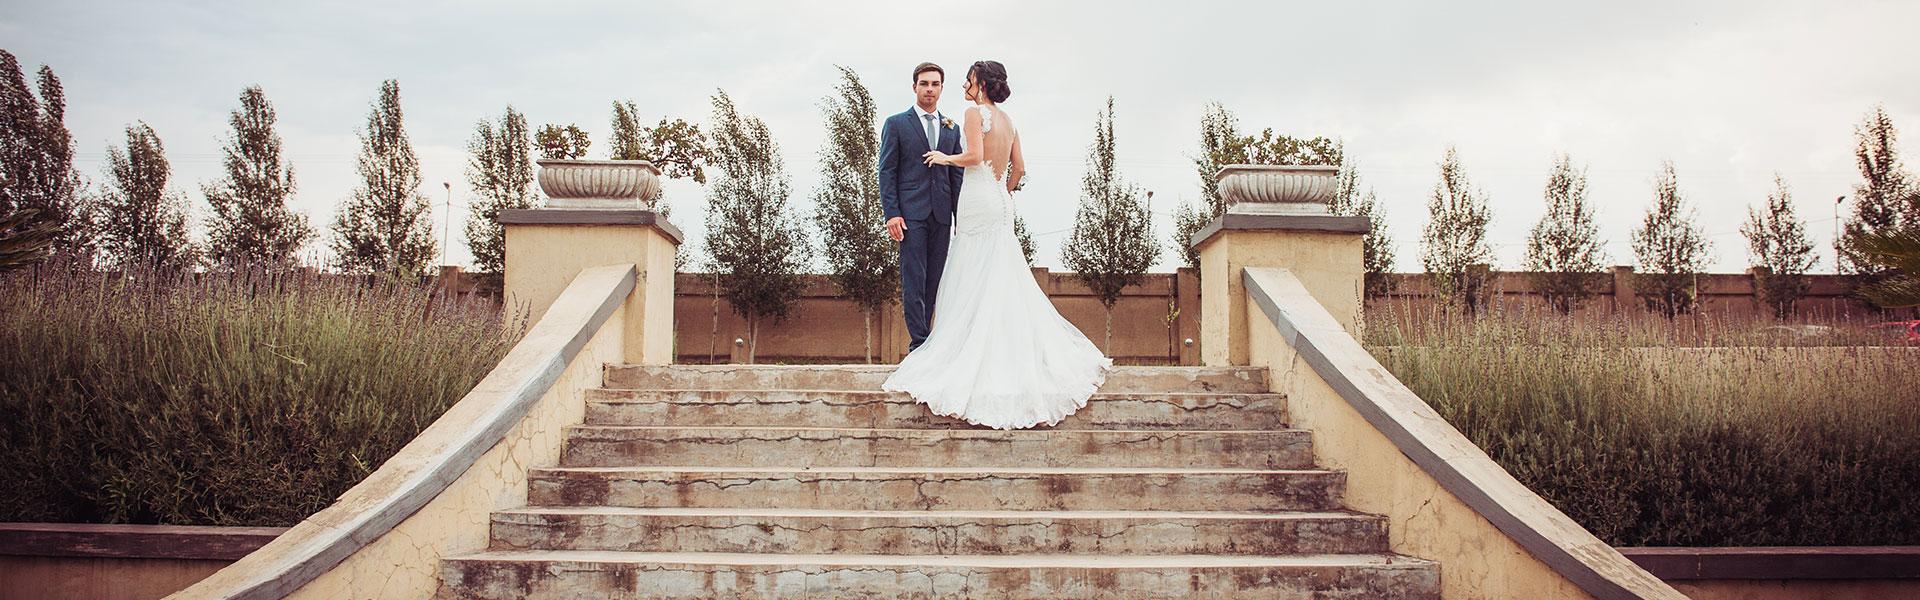 accolades-wedding-photos